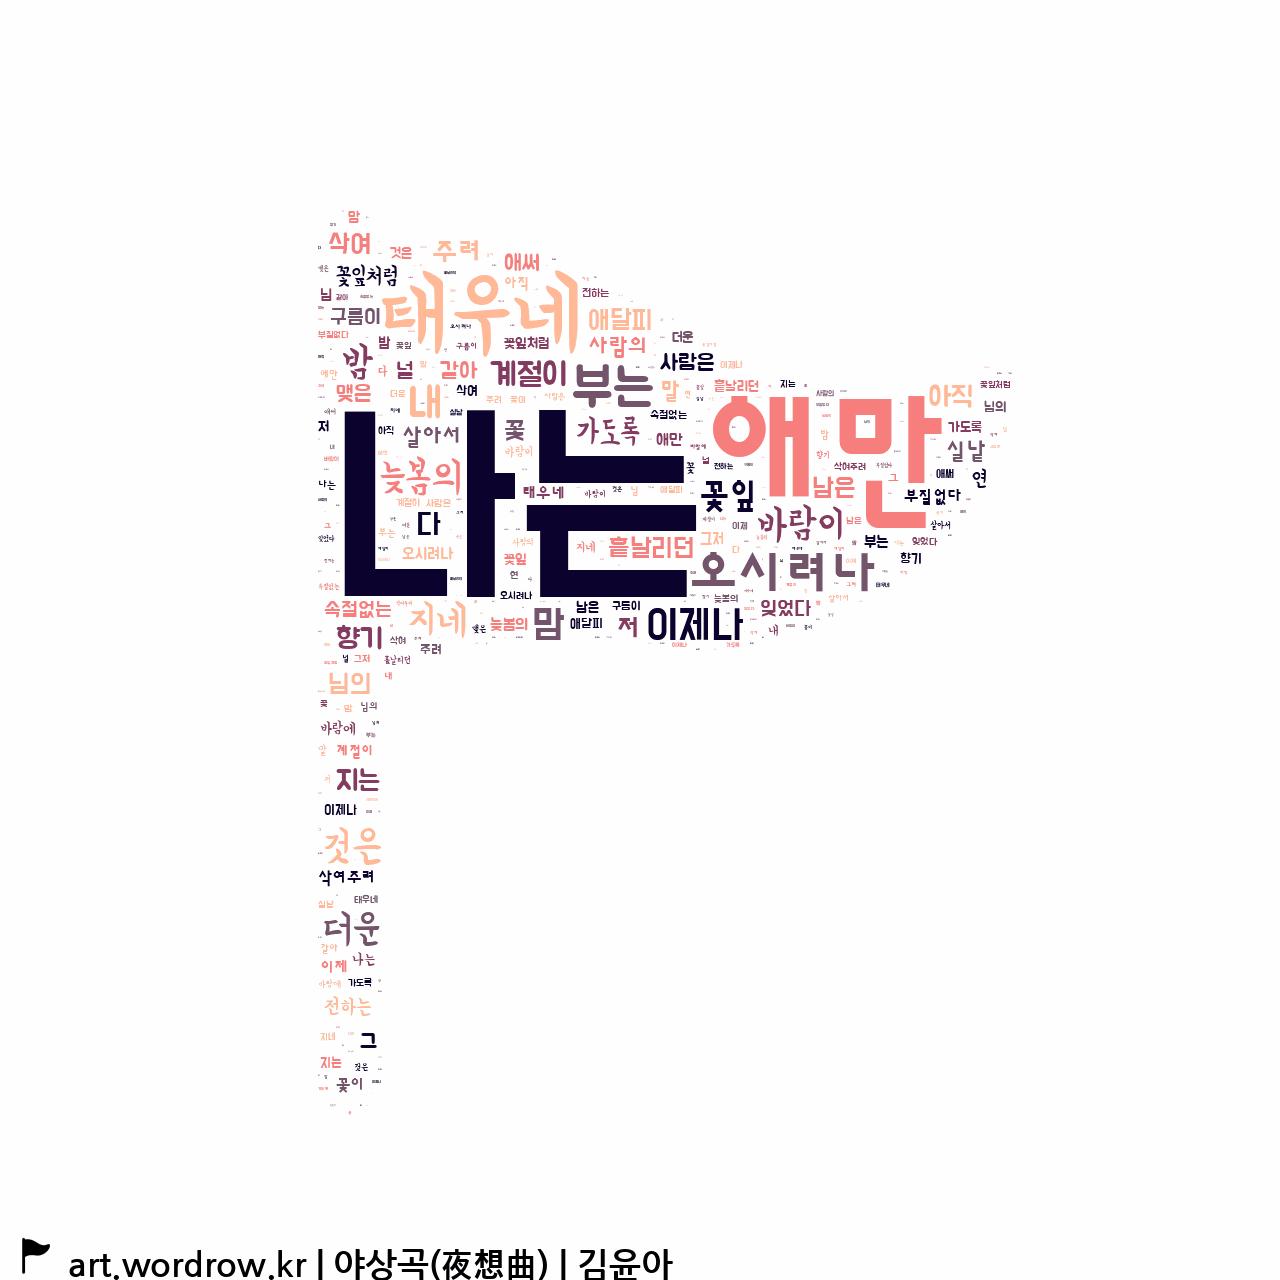 워드 클라우드: 야상곡(夜想曲) [김윤아]-62